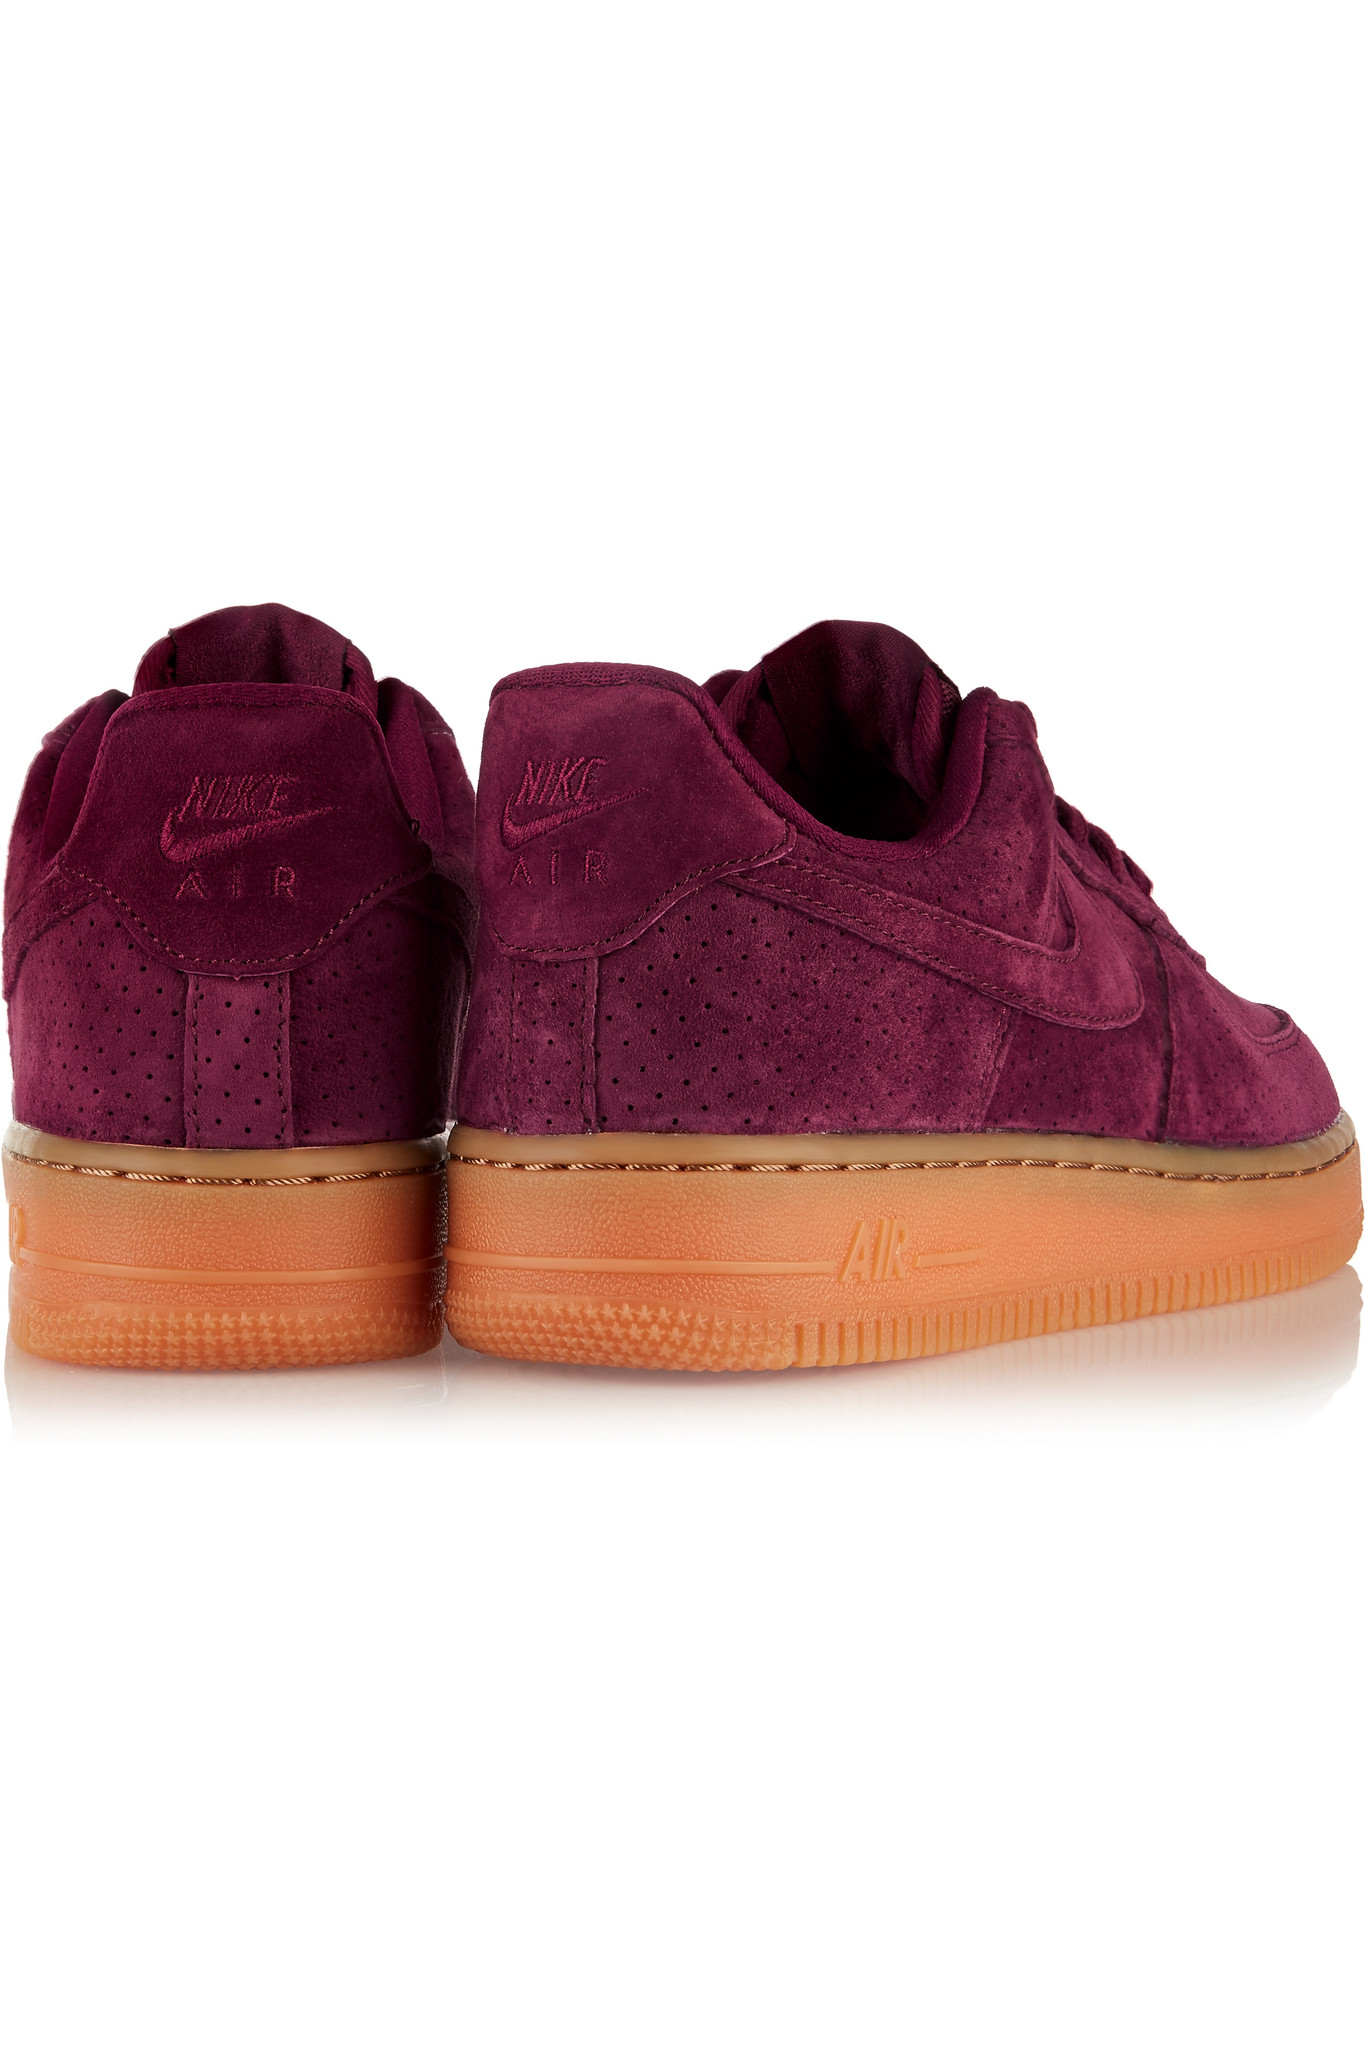 Ymc Shoes Uk